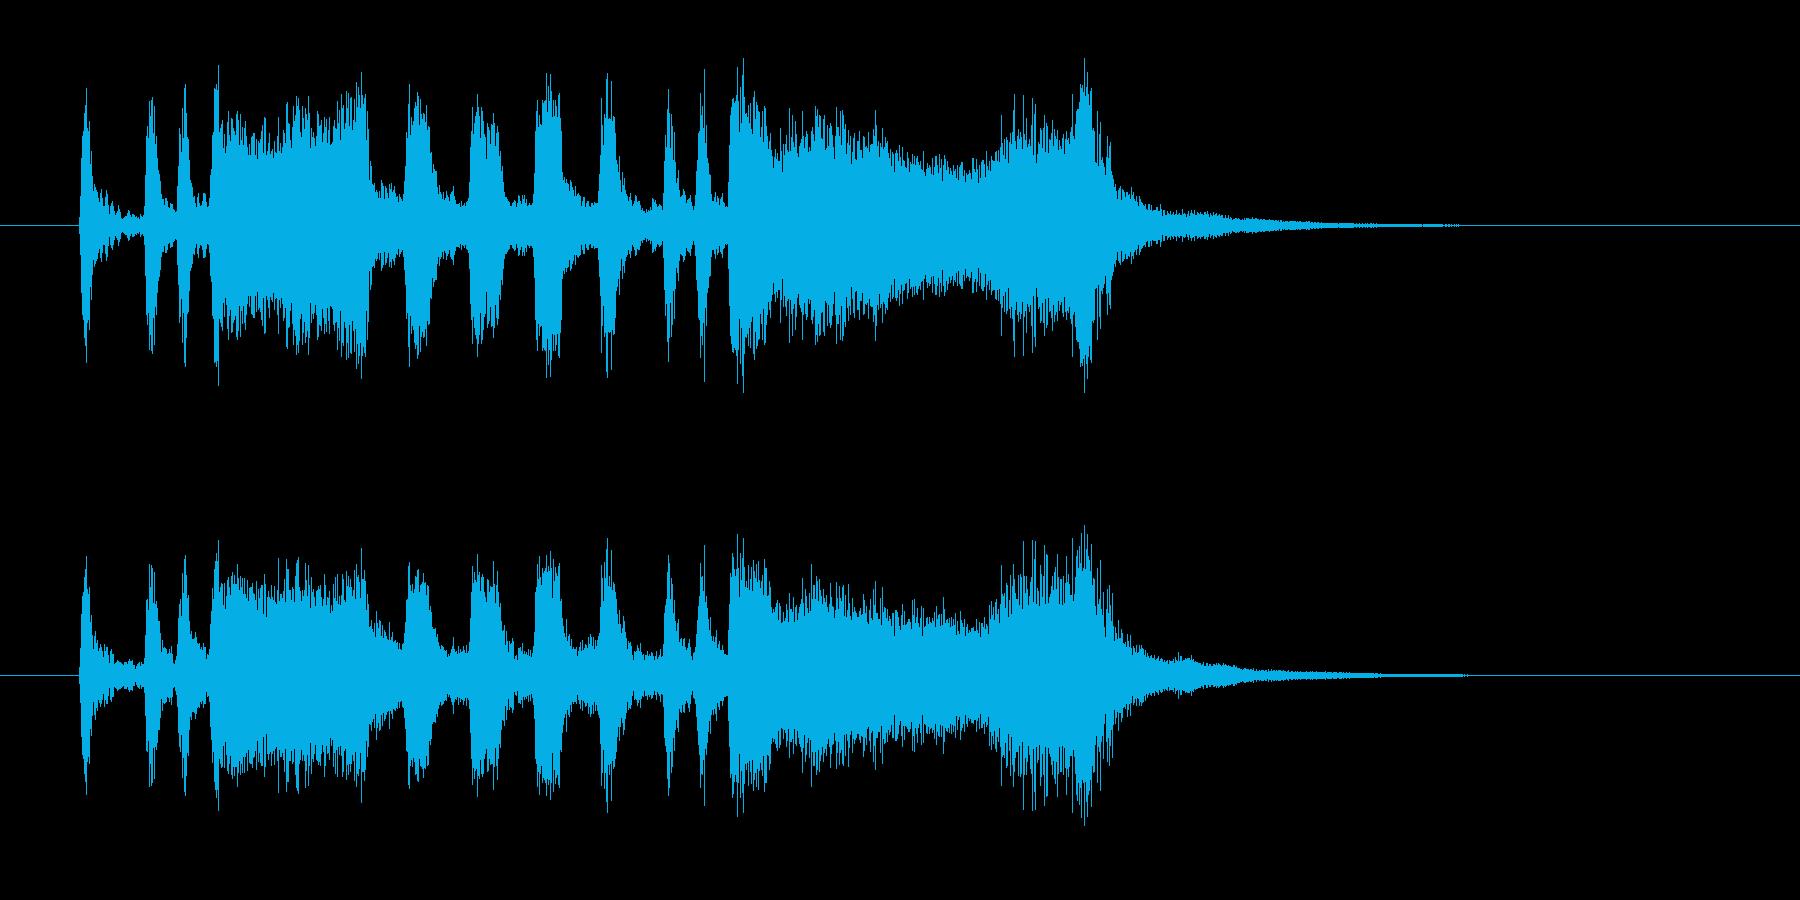 パンパカパーン(発表、成功)の再生済みの波形